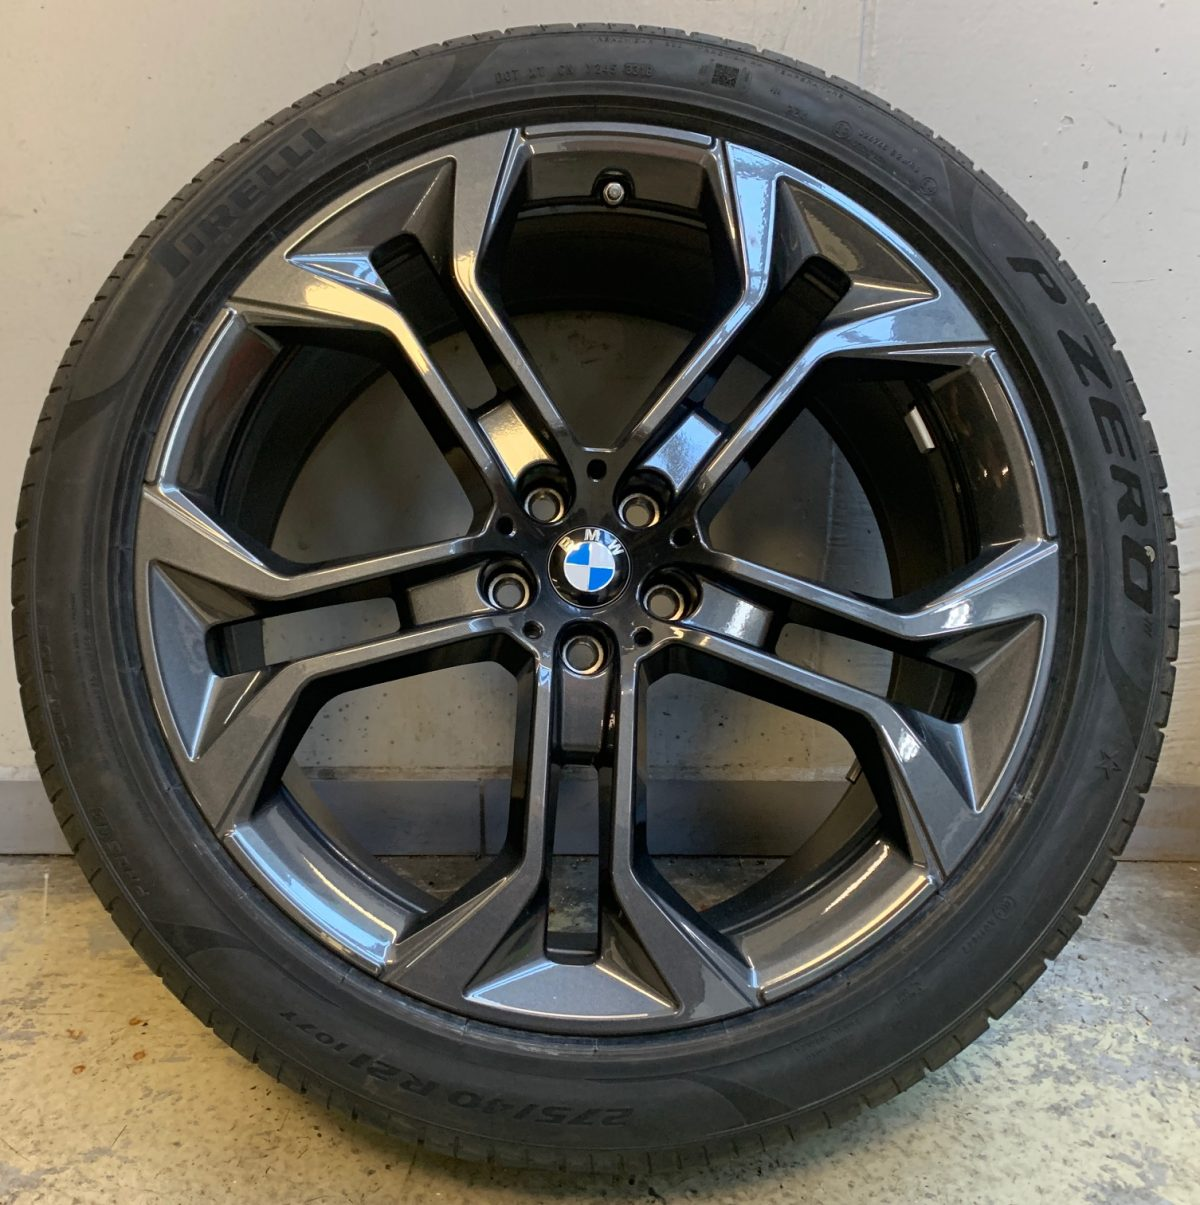 Gyári alufelni BMW X5-X6 G05-G06 (744 Style) 9,5X21-10,5X21 új télikerék-garnitúra! Pirelli gumikkal 1